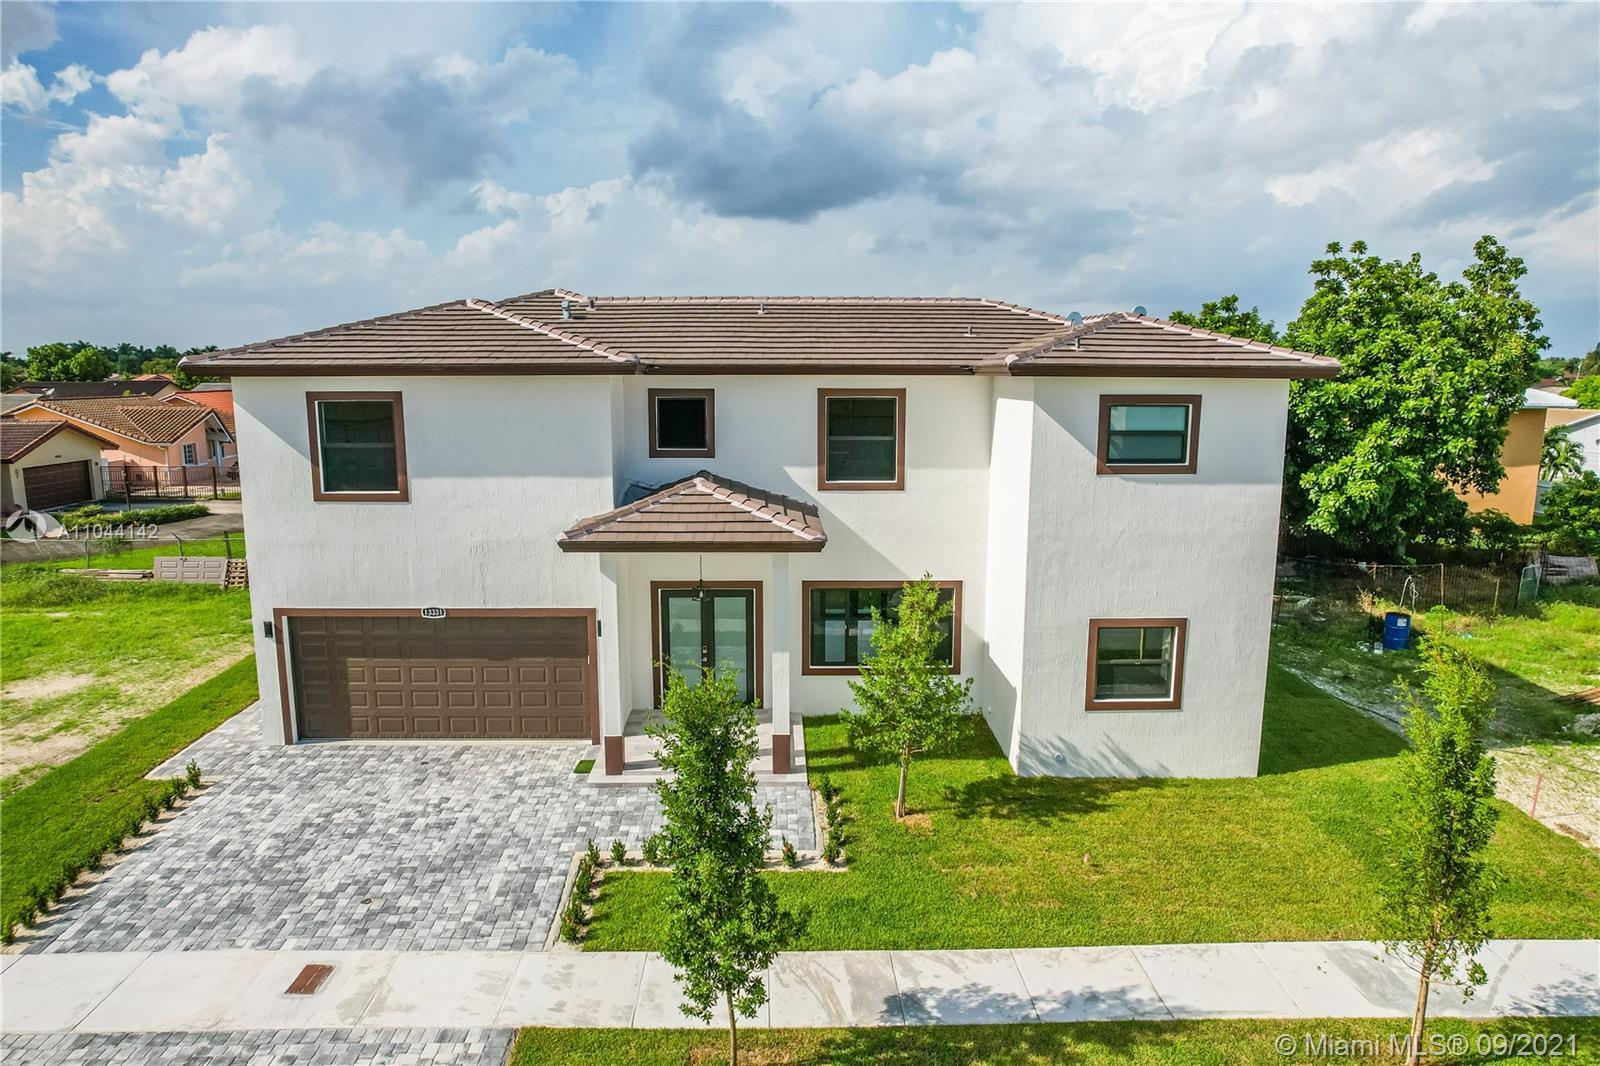 J G Heads Farms - 13331 SW 41st St, Miami, FL 33175